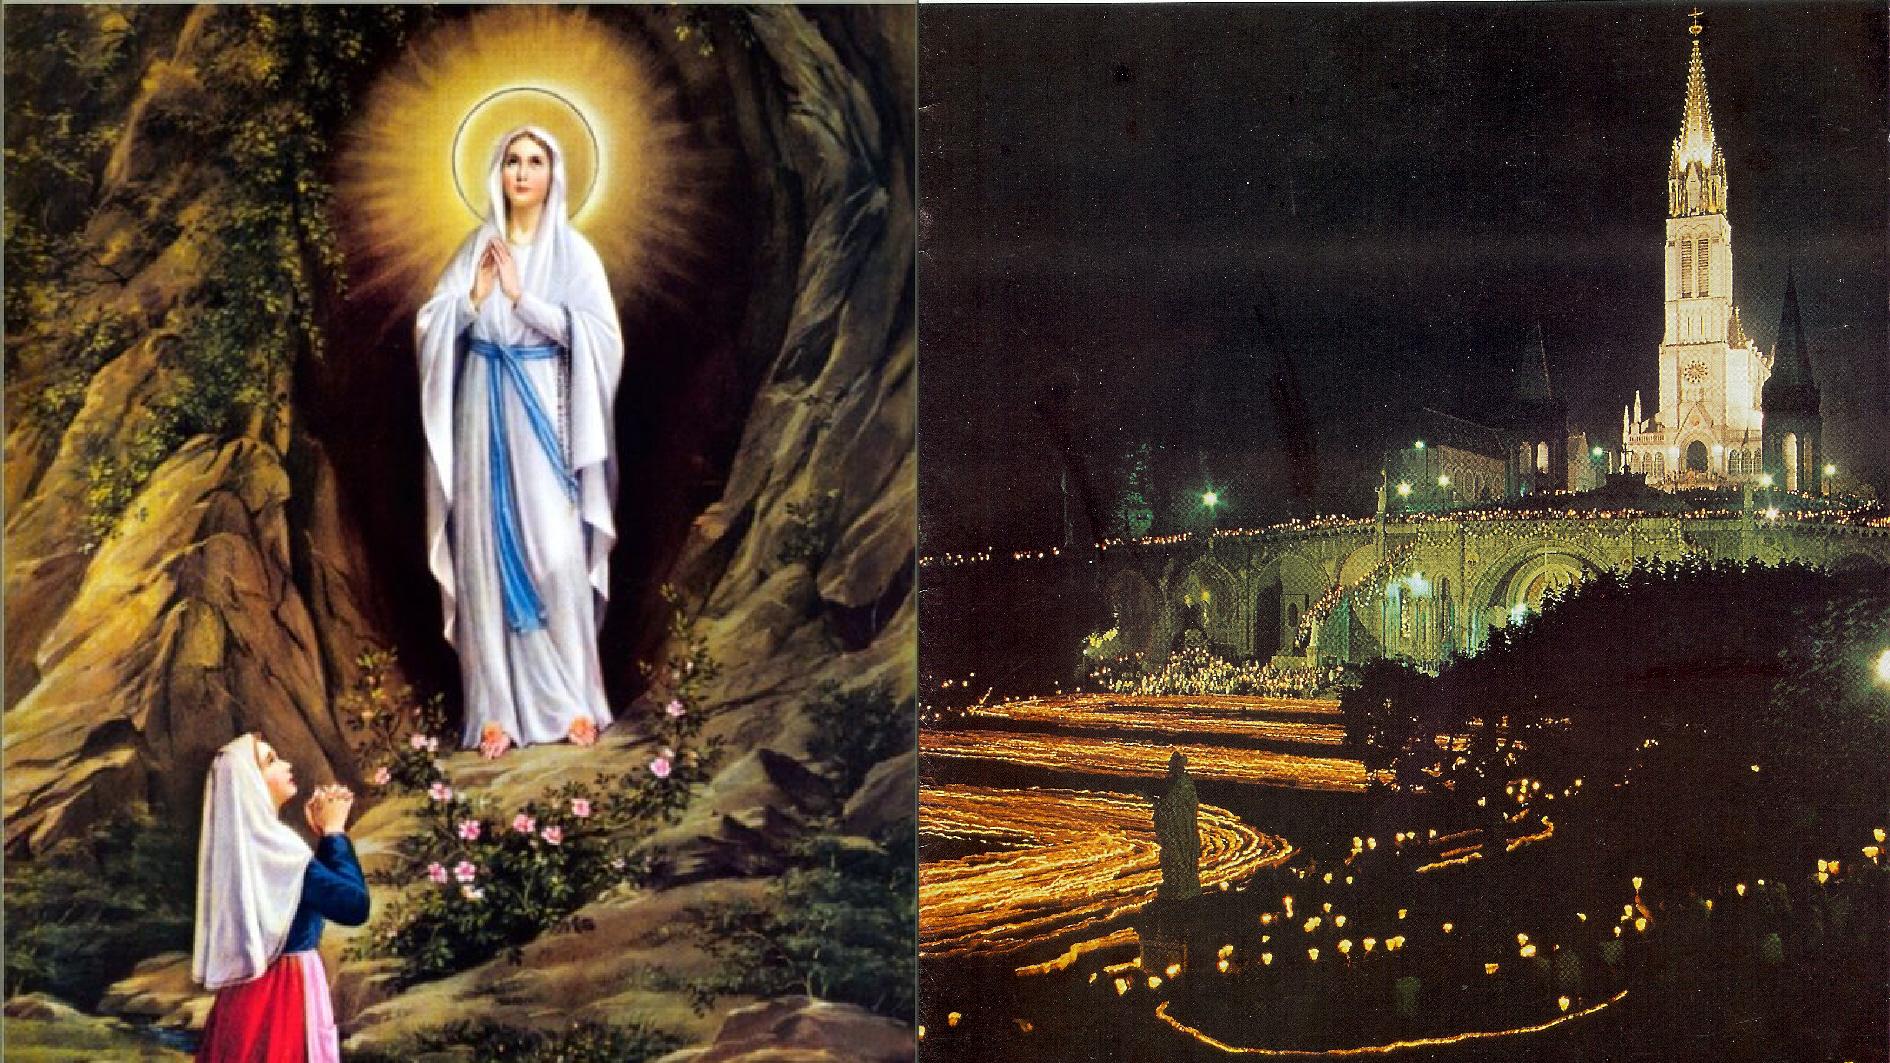 CALENDRIER CATHOLIQUE 2020 (Cantiques, Prières & Images) - Page 6 Apparition-de-not...urdes-1--5712f81